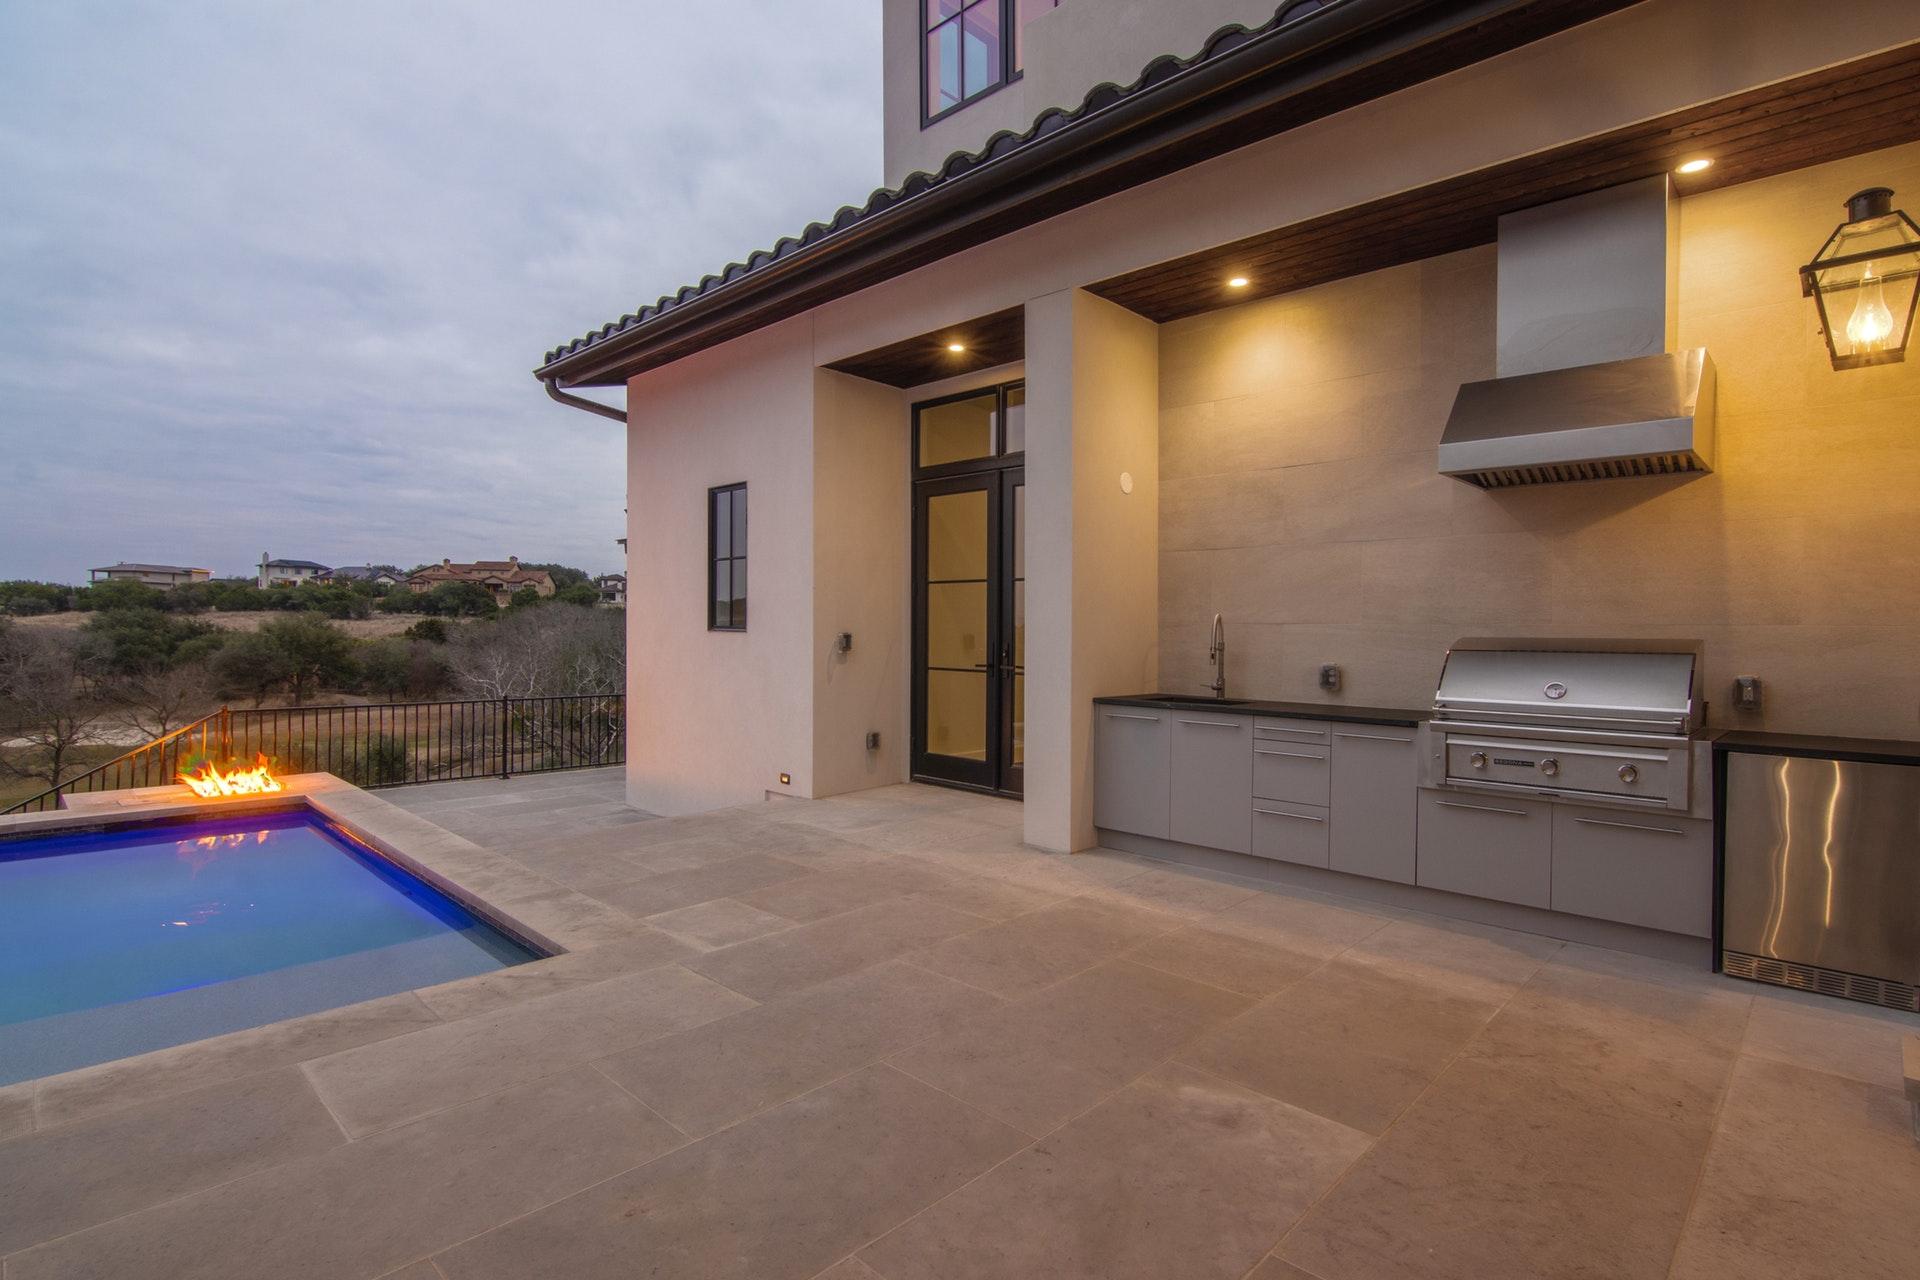 063-296944-5608 Spanish Oaks 127_7213995.jpg